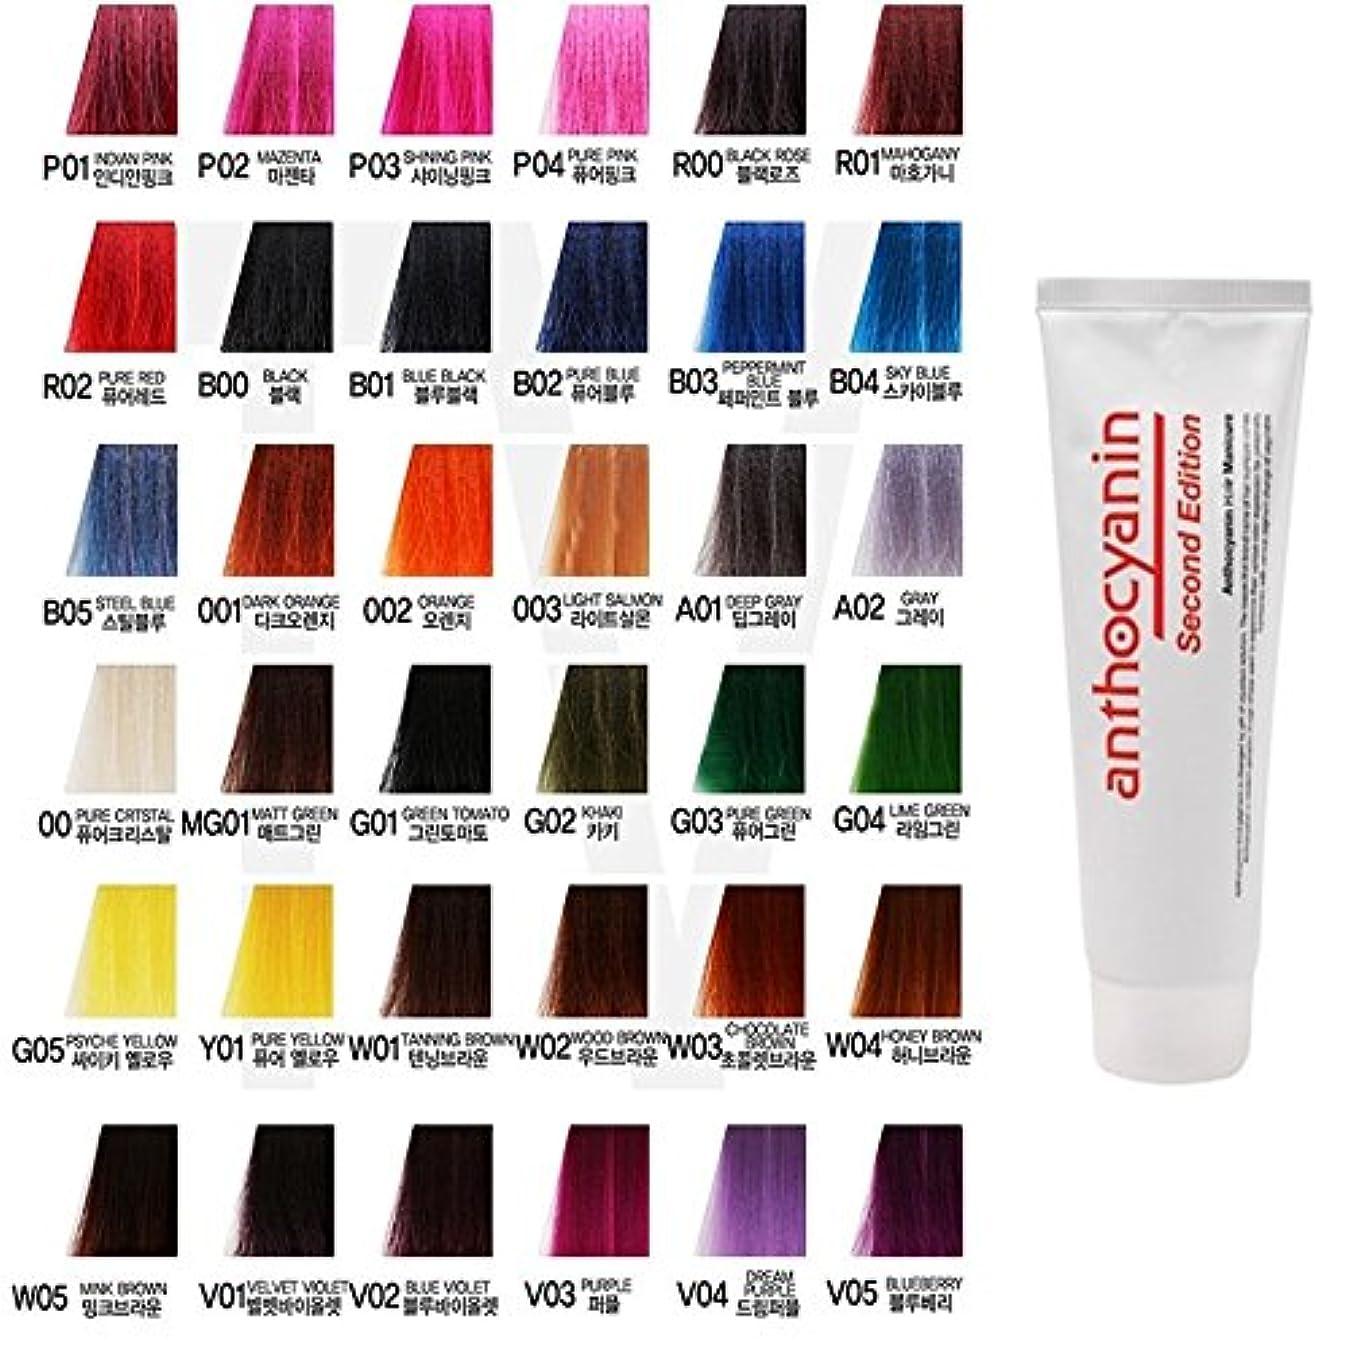 忠誠チャンピオンシップ不確実ヘア マニキュア カラー セカンド エディション 230g セミ パーマネント 染毛剤 ( Hair Manicure Color Second Edition 230g Semi Permanent Hair Dye) [並行輸入品] (WA03 Mud Brown)